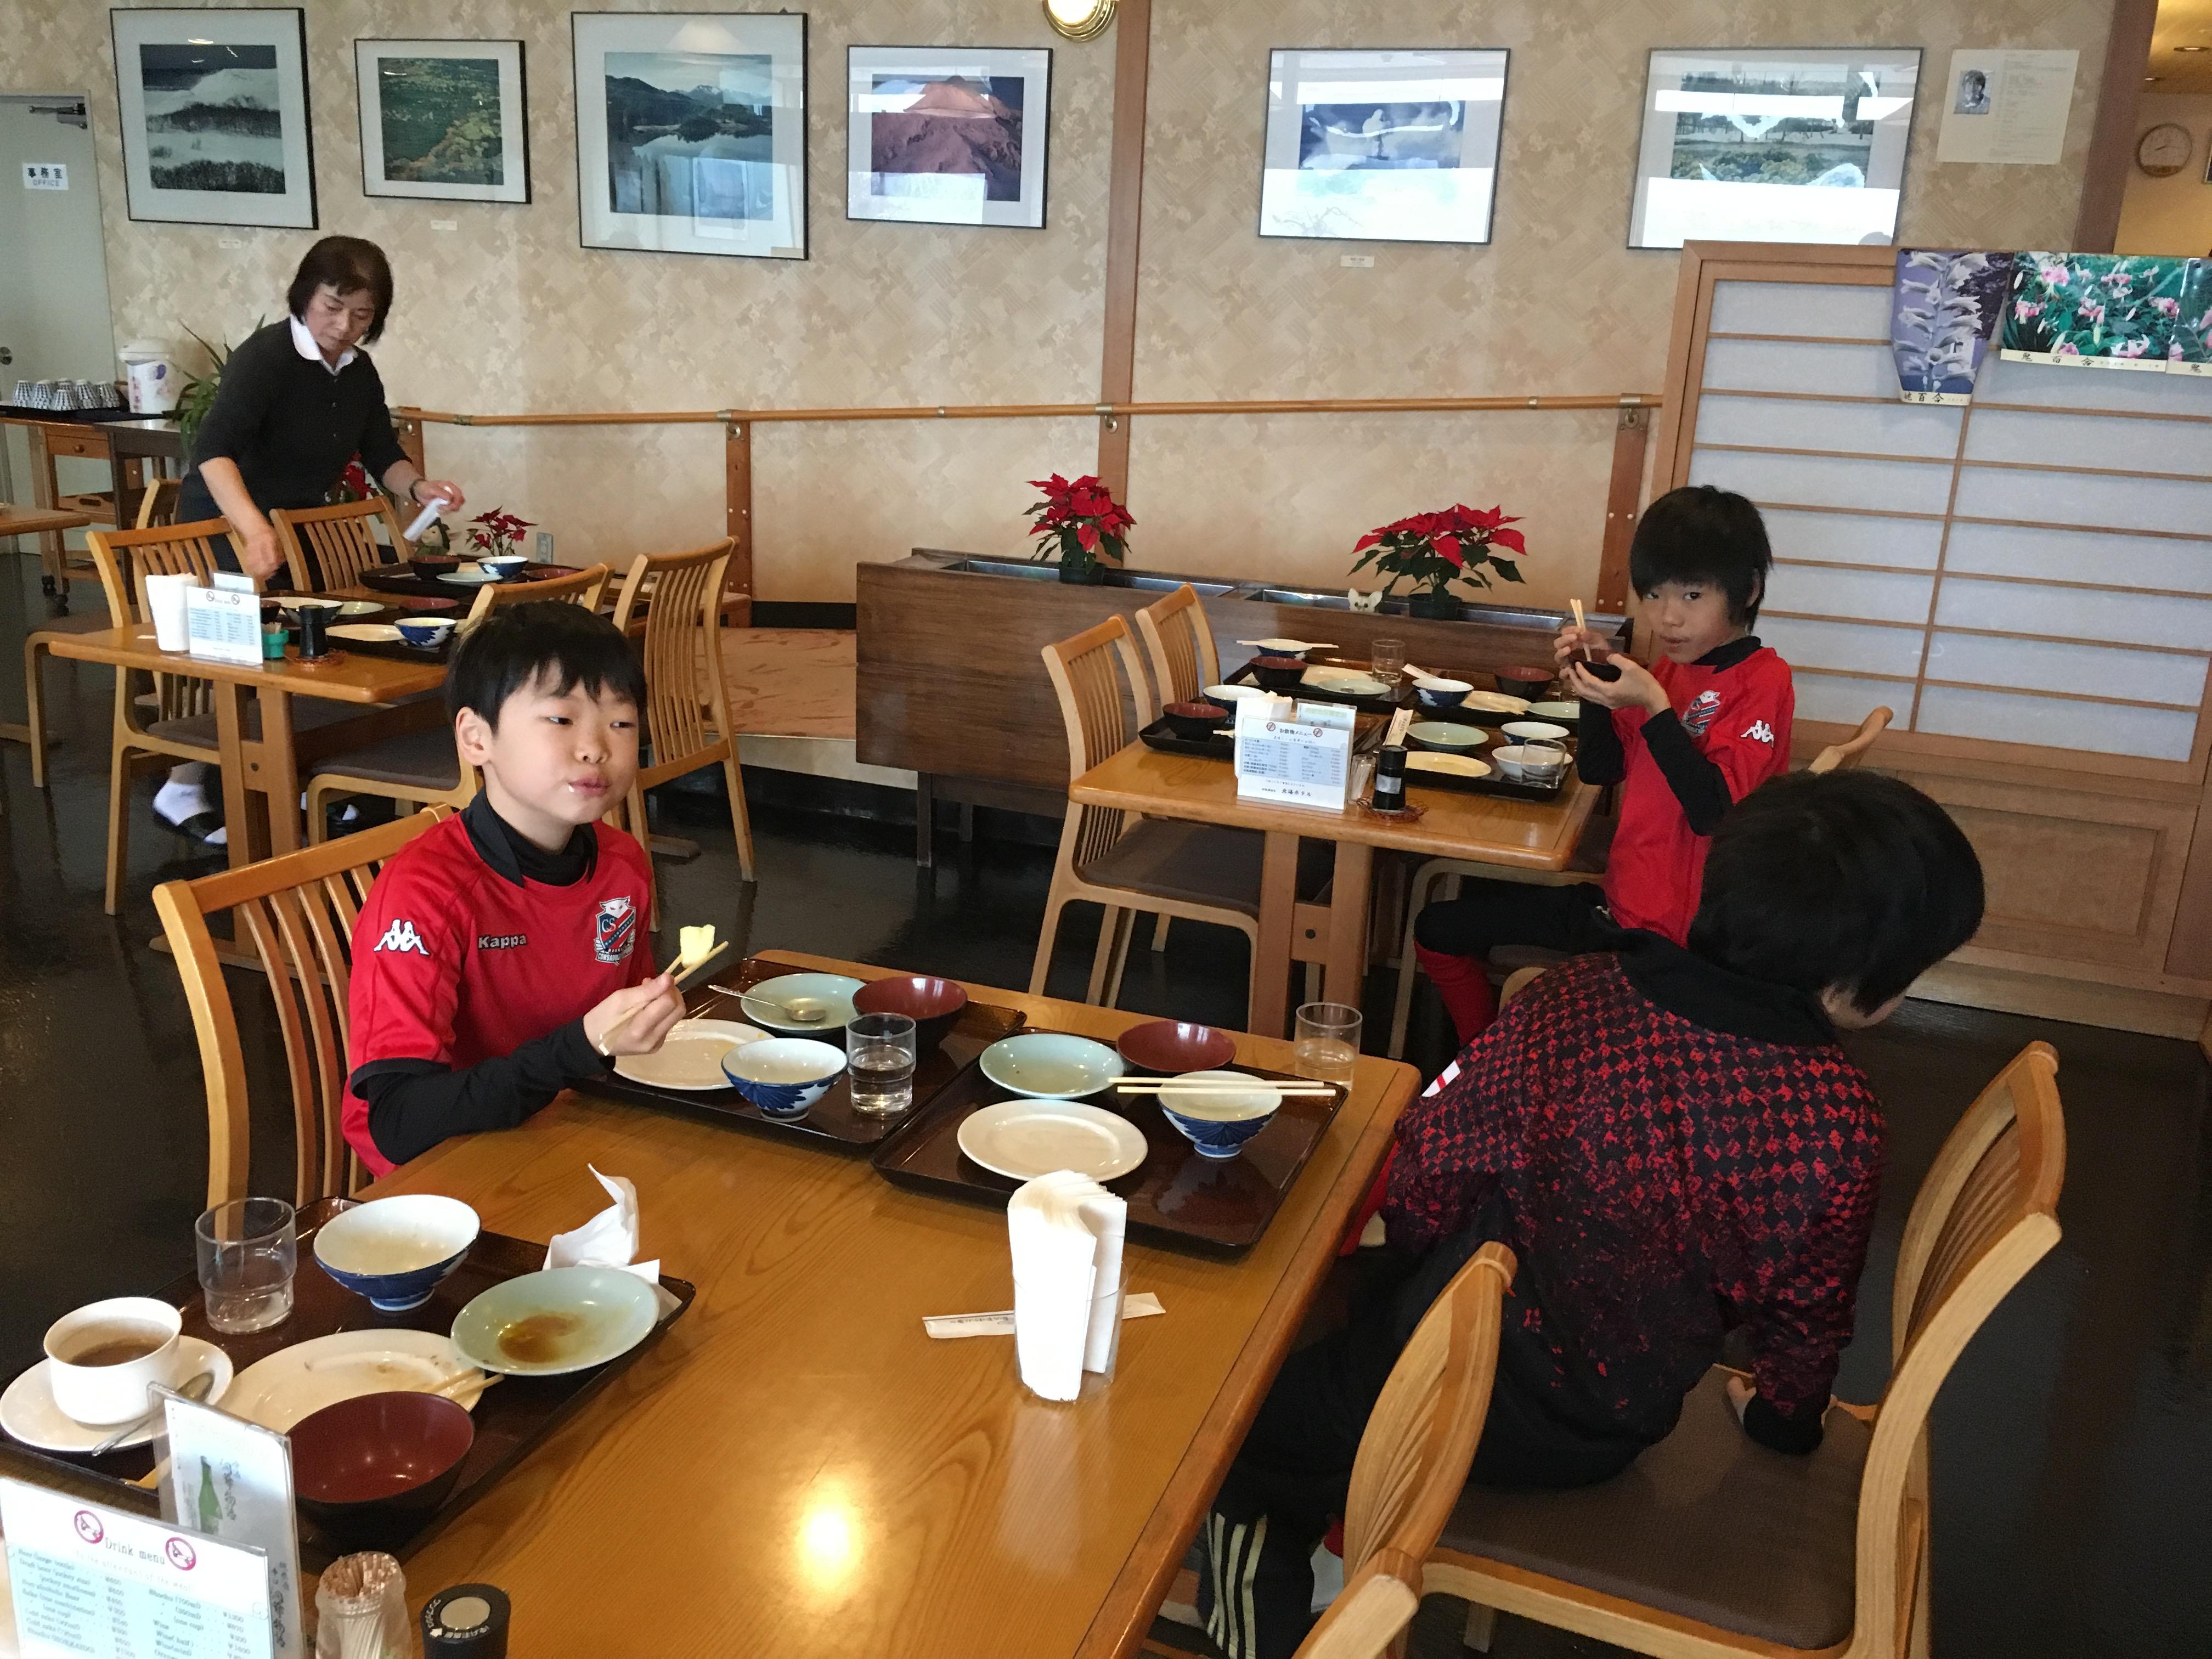 http://chsc.jp/report/up_images/8E0B111A-1DC4-44AA-A82C-5FC301A488D0.jpeg